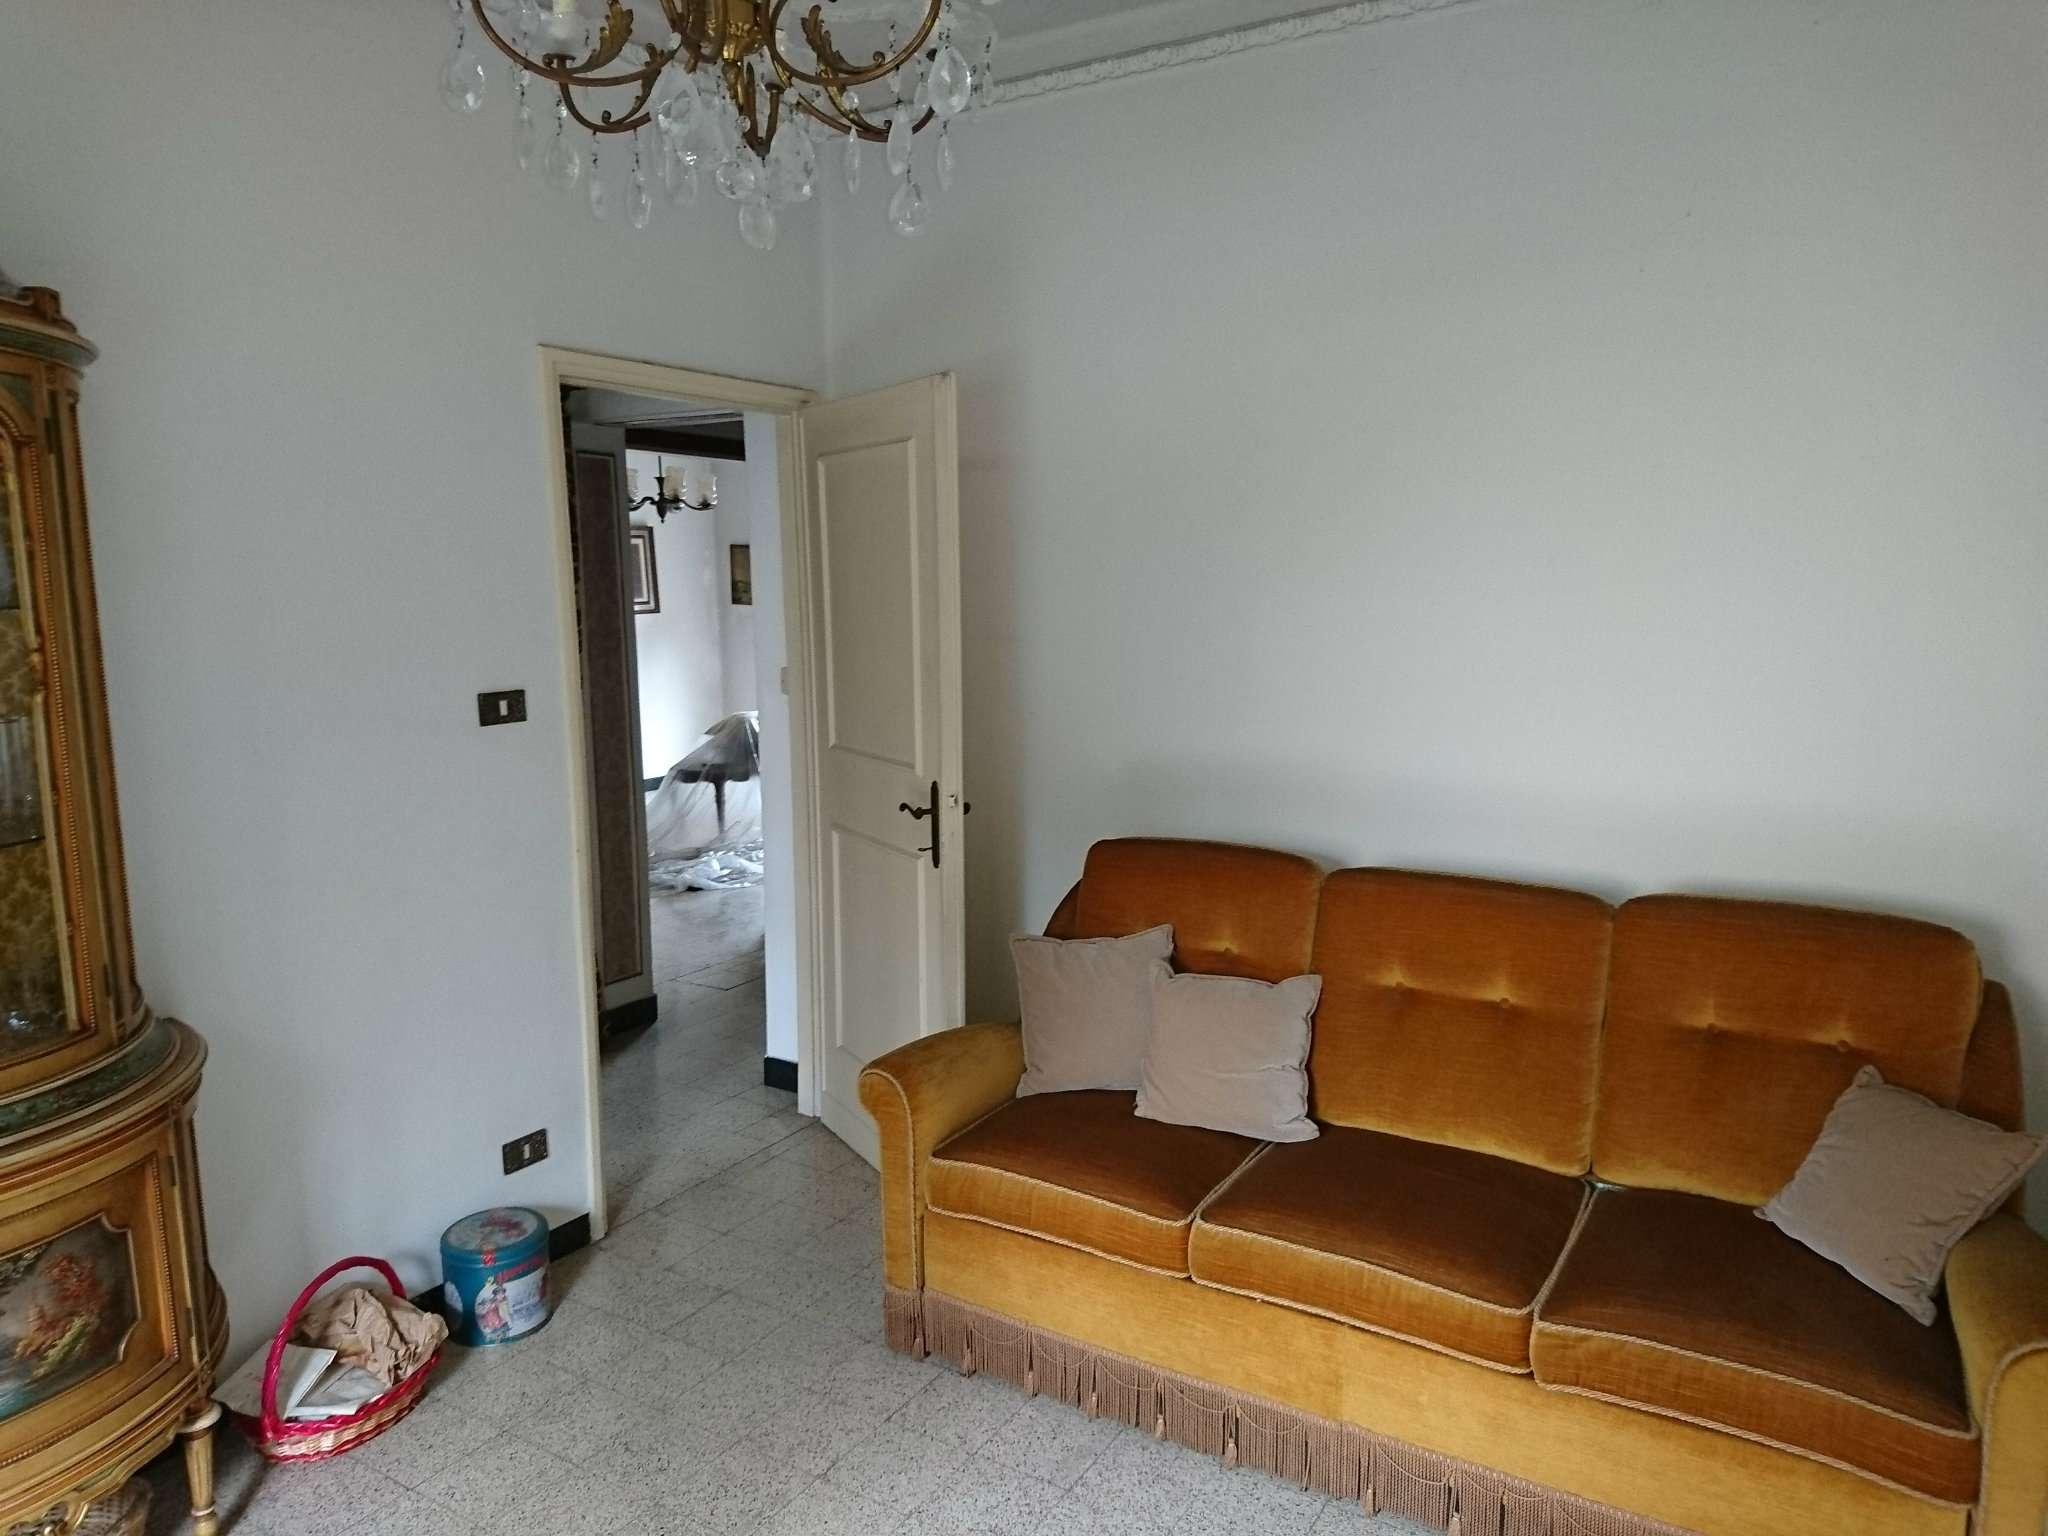 Appartamento in vendita a Pontenure, 3 locali, prezzo € 75.000 | CambioCasa.it